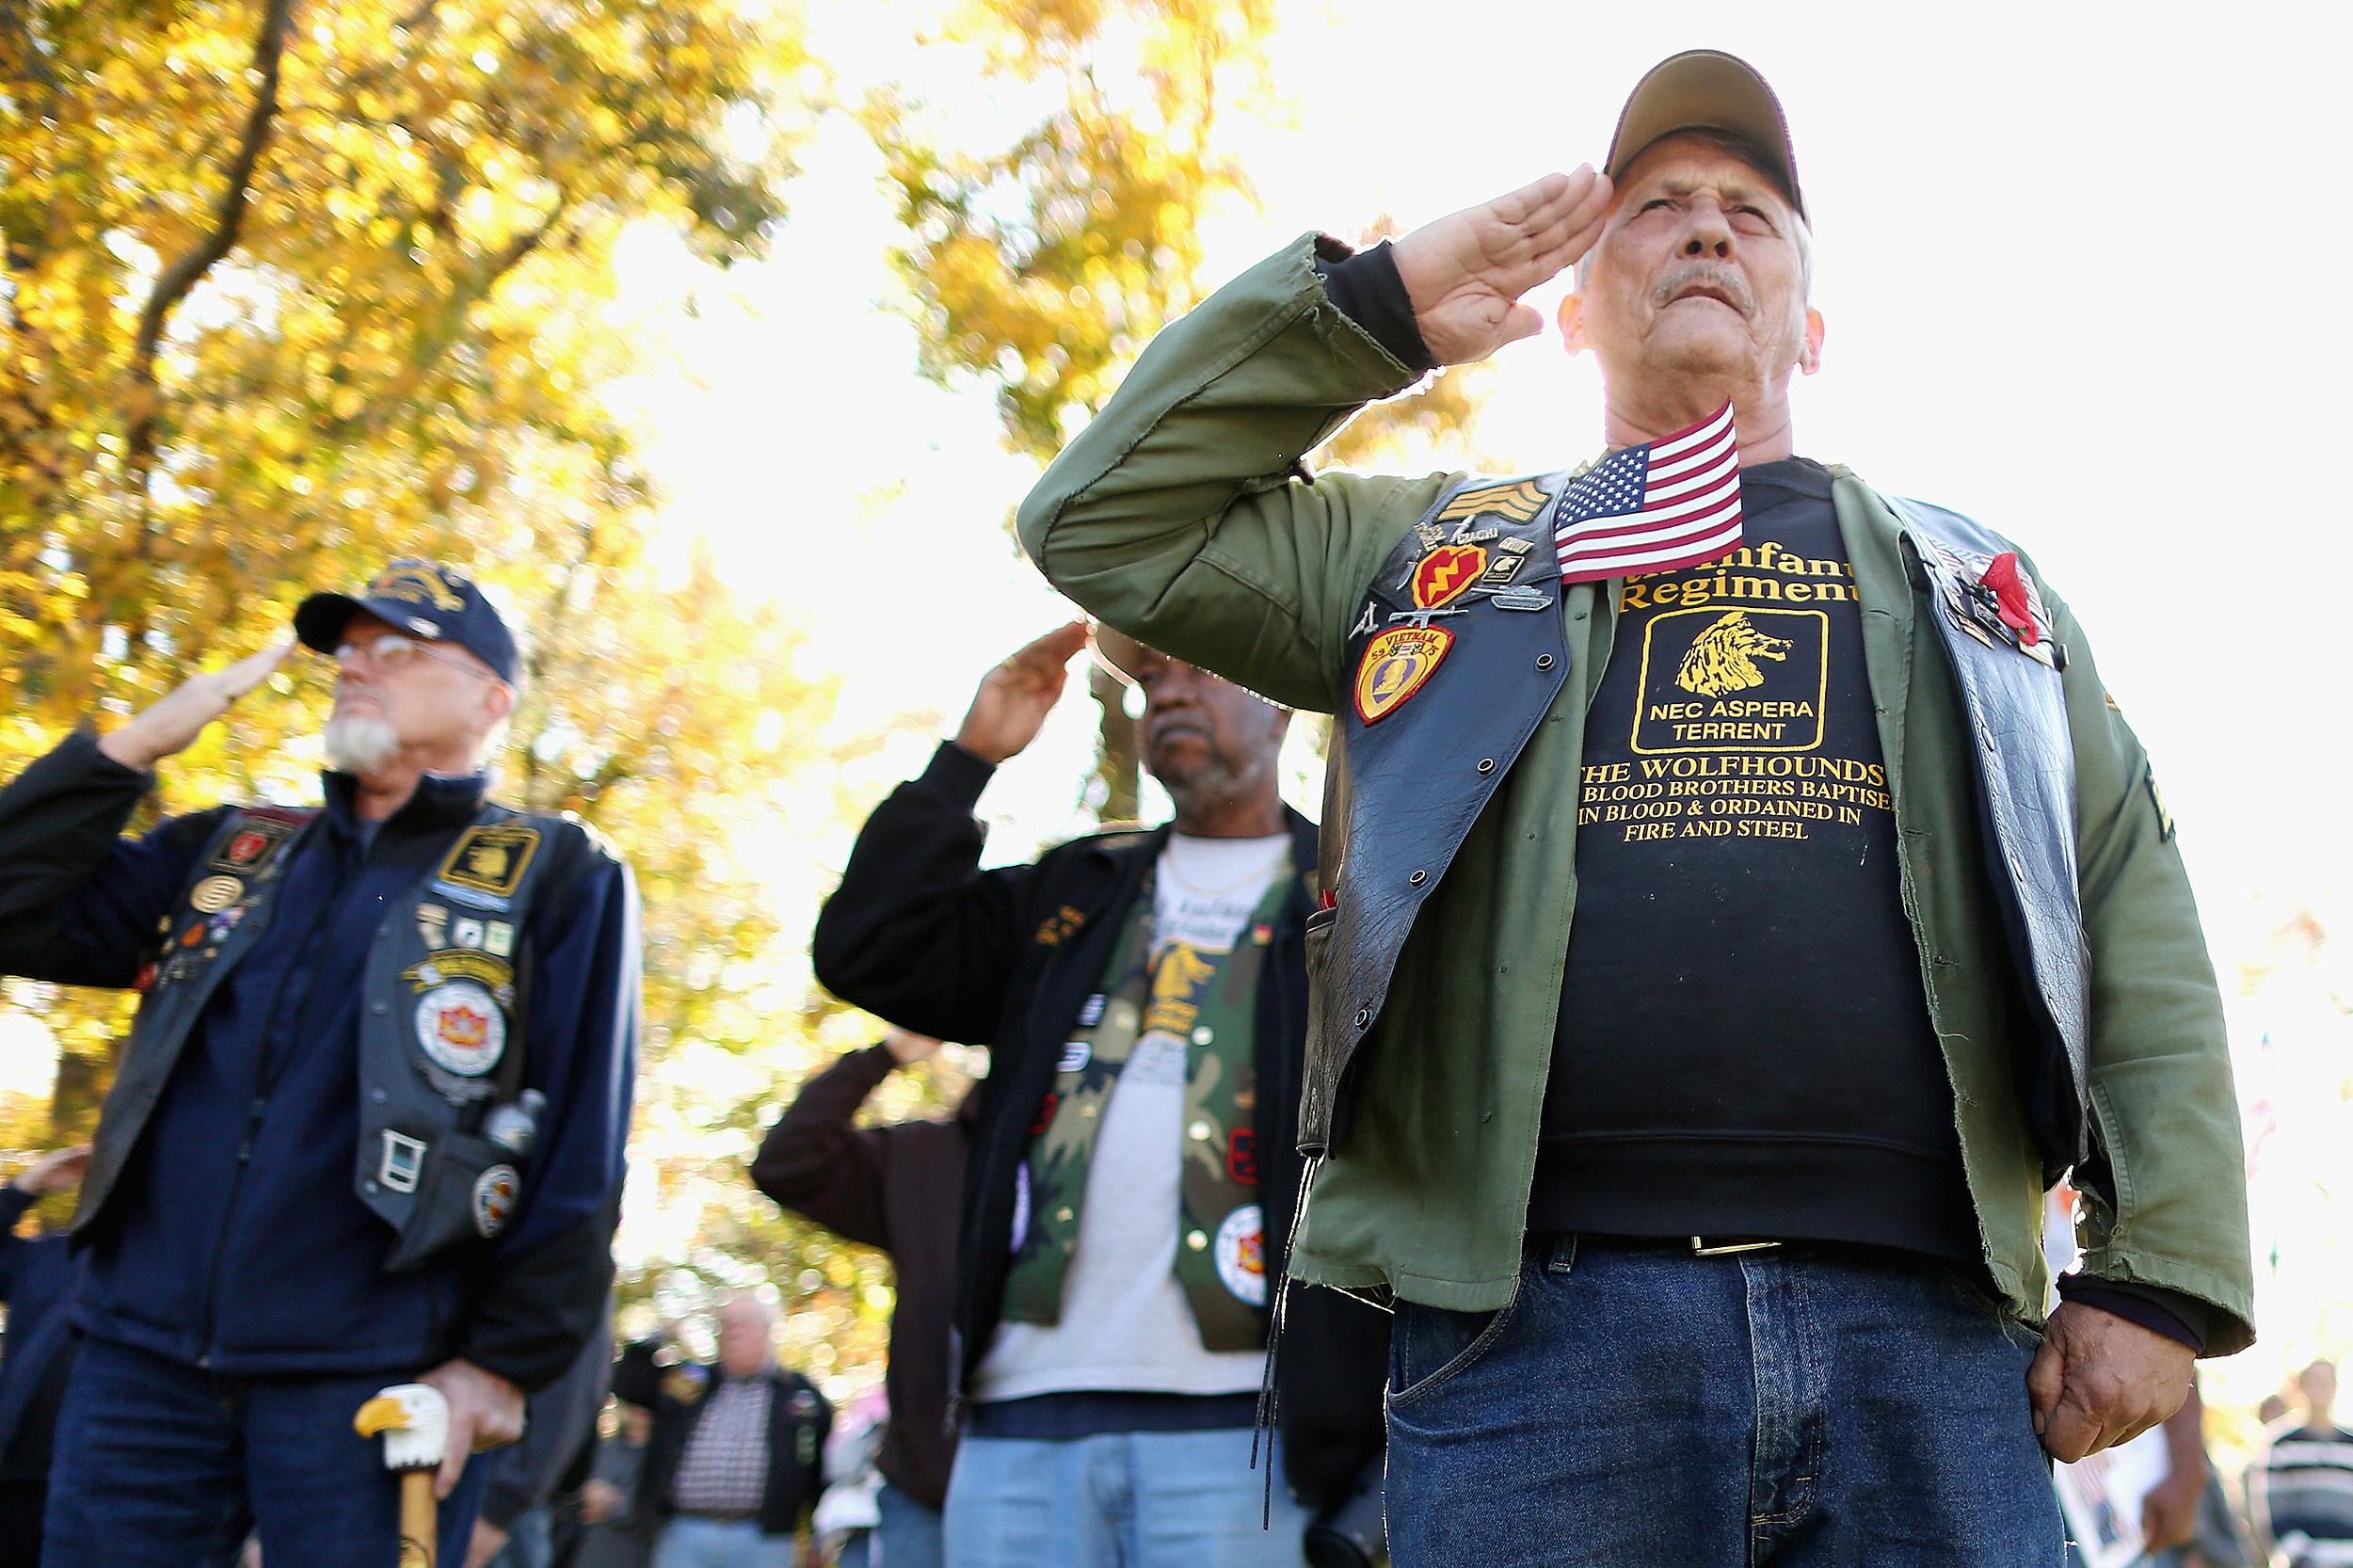 Vietnam Veterans Honor The Fallen On Veterans Day